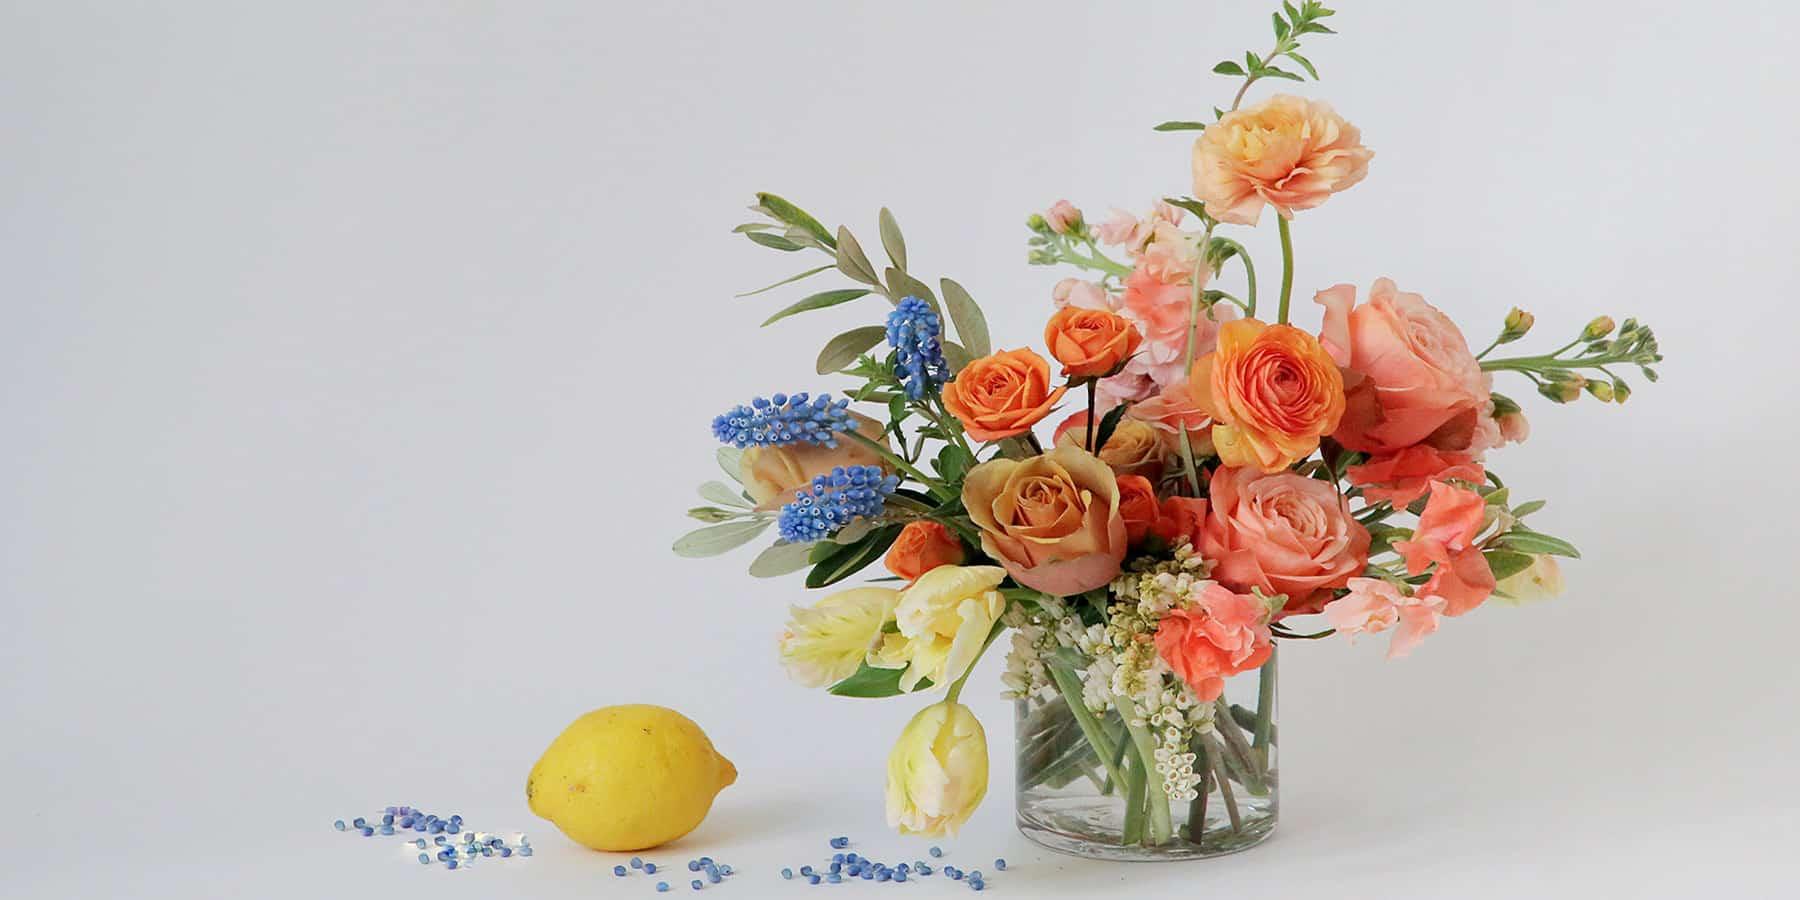 Lợi ích của hoa giả và cách lựa chọn hoa phù hợp không gian